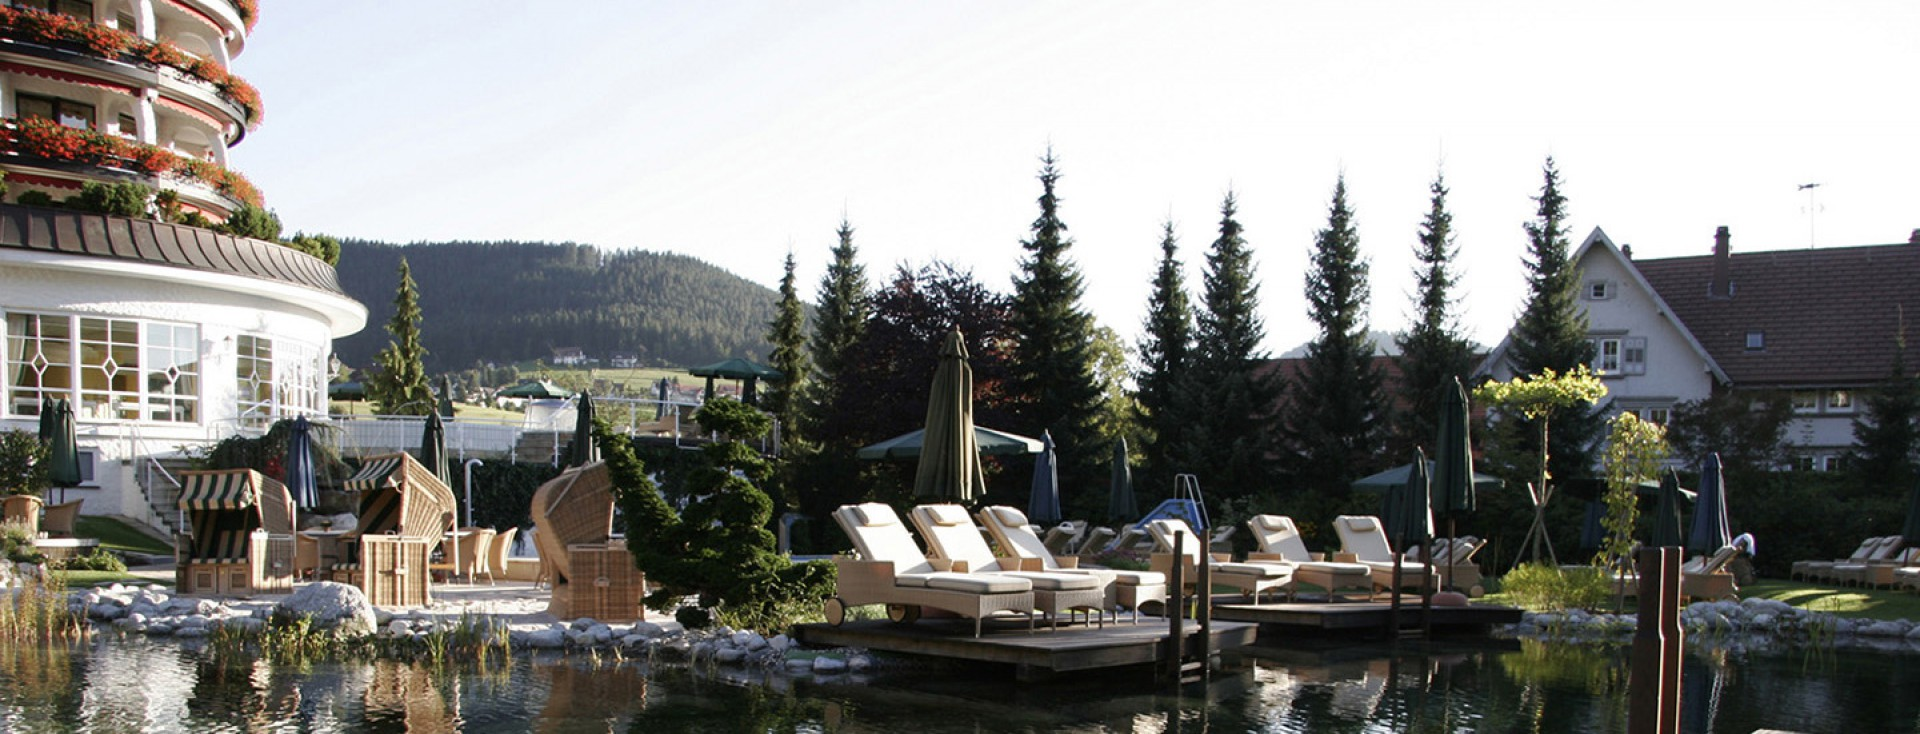 Hotel Bareiss im Schwarzwald